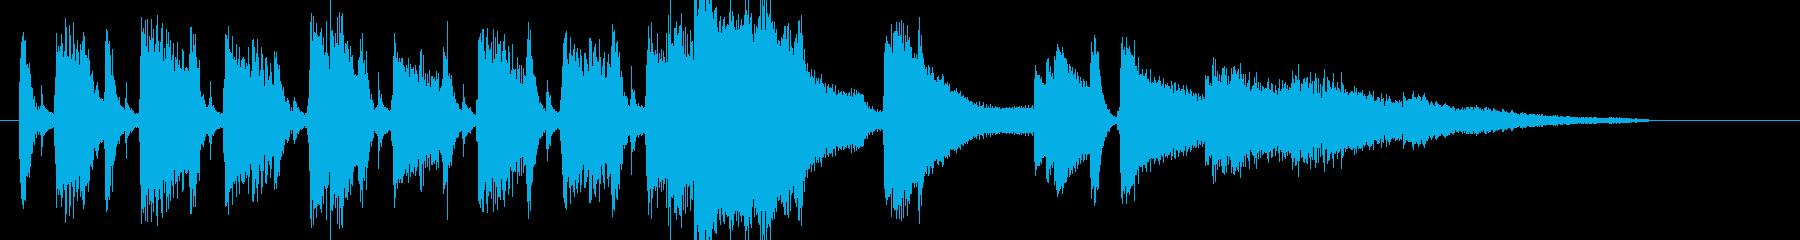 Jazz クール 明るい オープニングの再生済みの波形